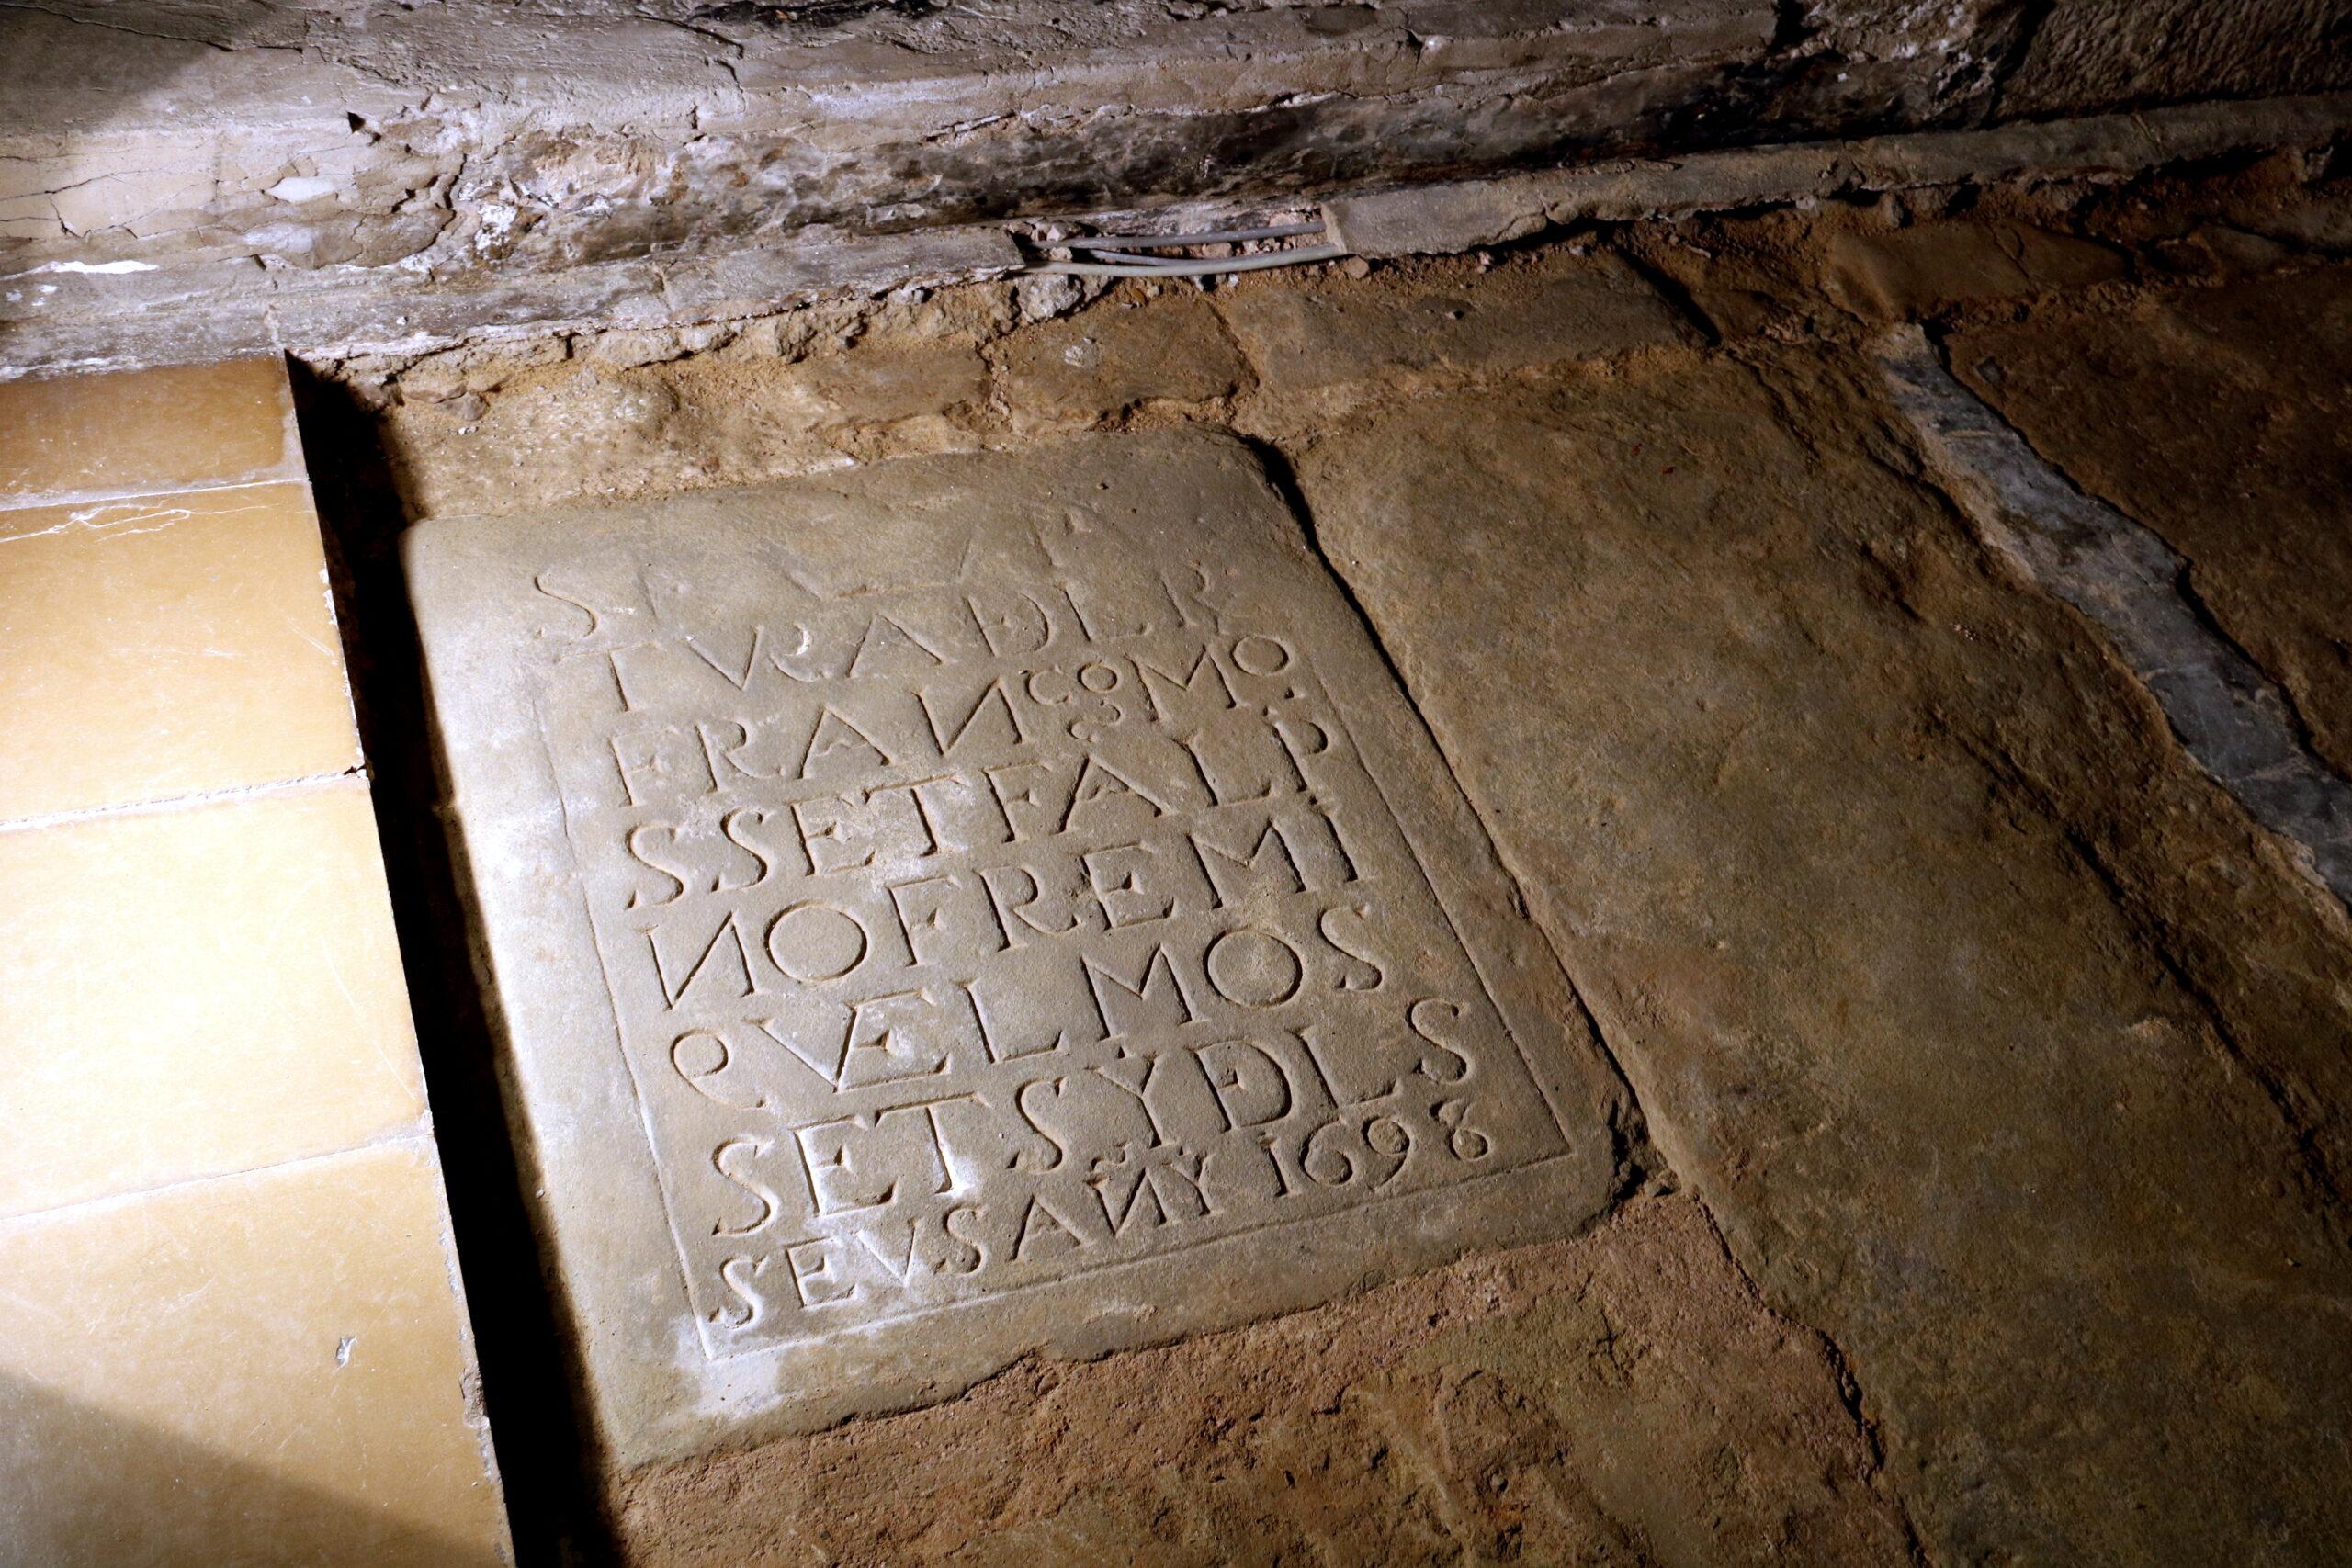 Primer pla de la làpida trobada a l'església de Santa Maria de Linyola. Imatge del 19 de març de 2019. (Horitzontal)